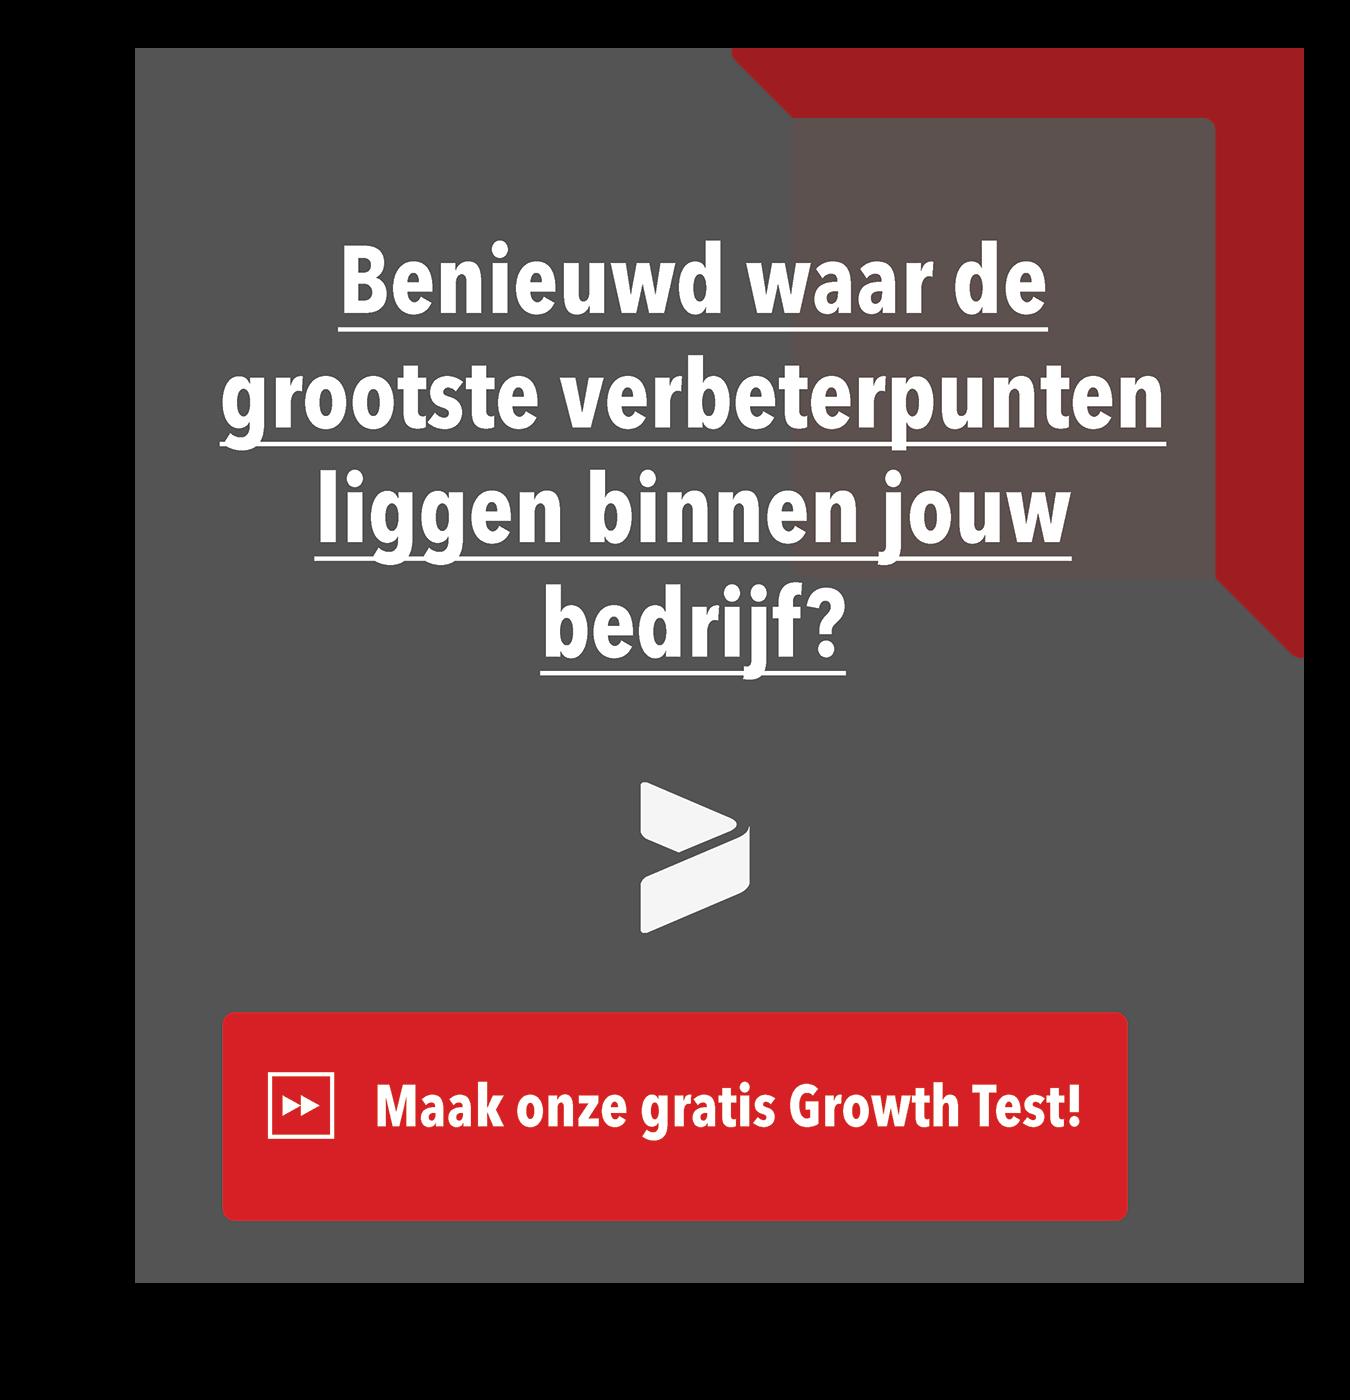 Klik voor de GoFastForward Growth Test!